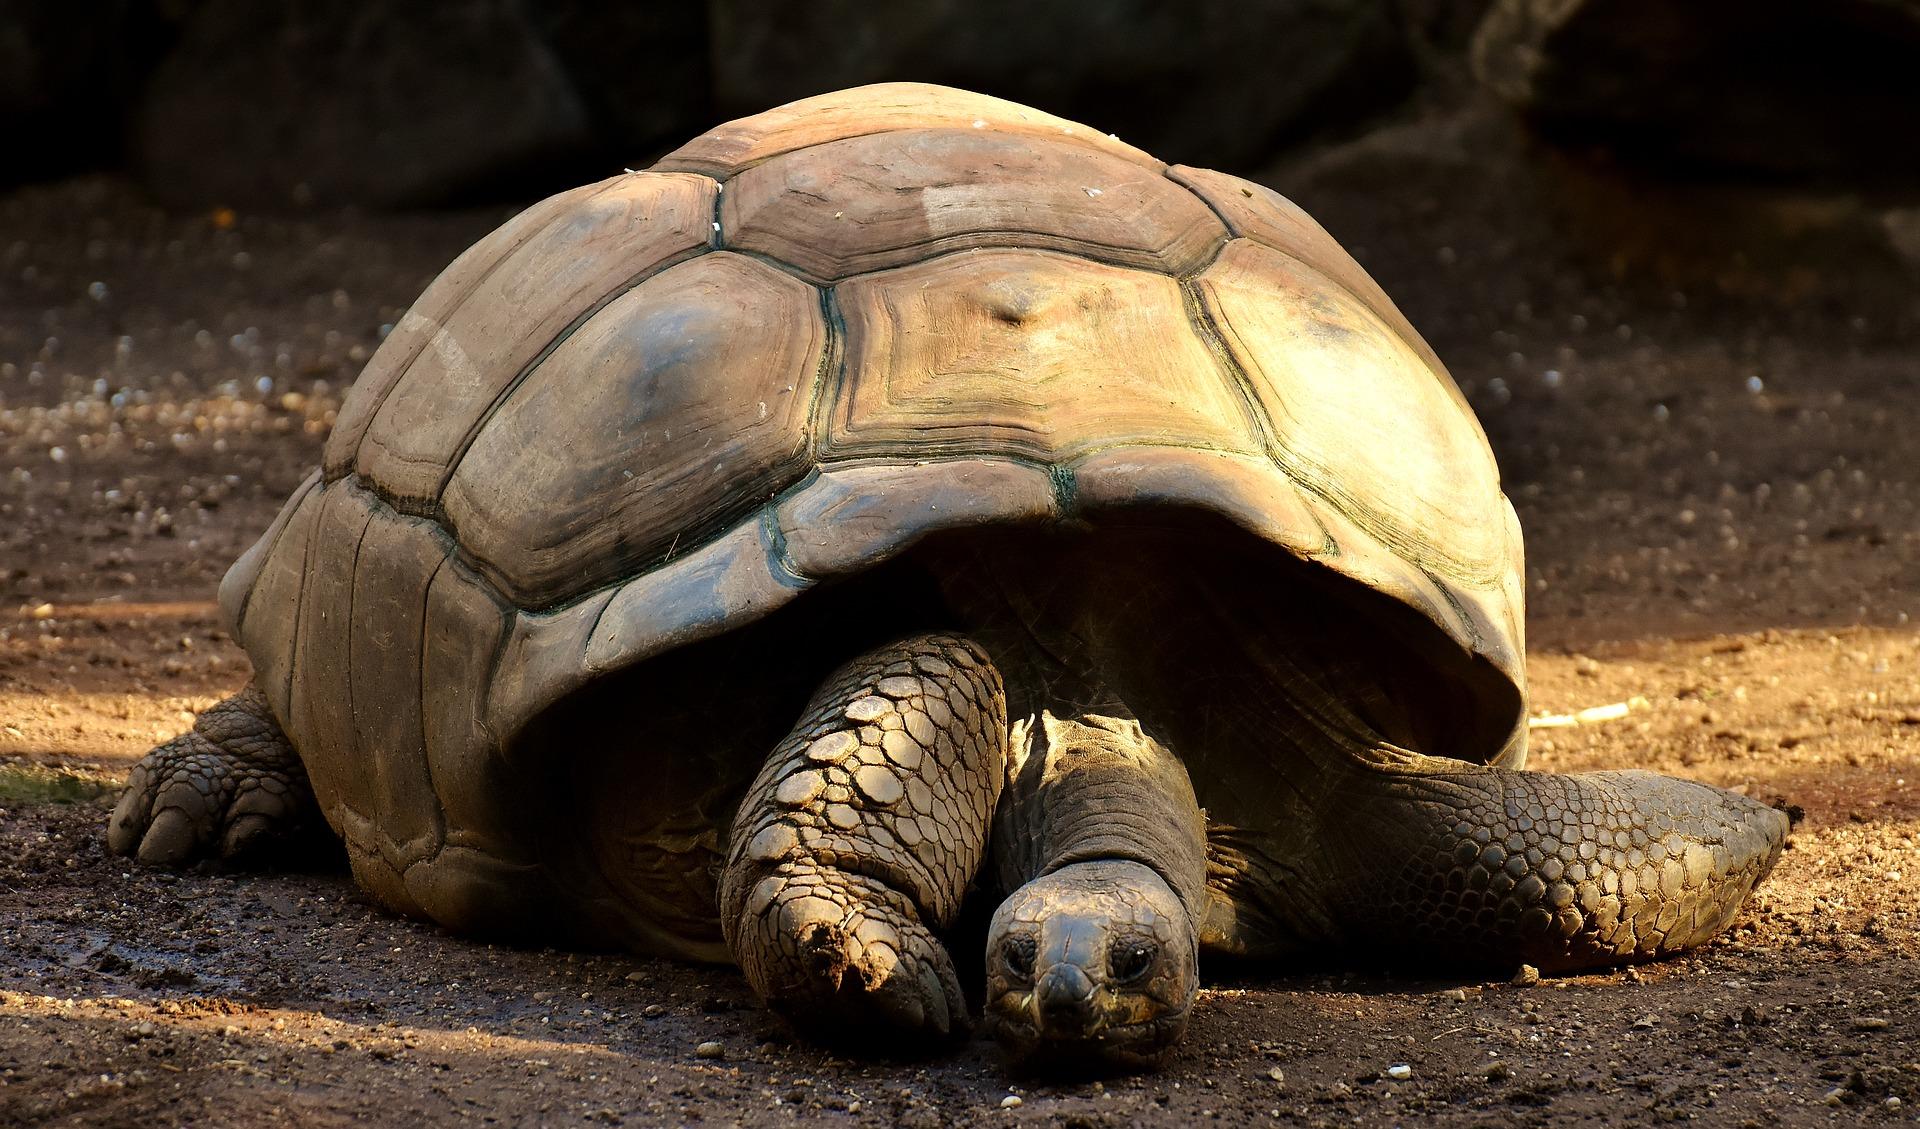 giant-tortoises-2872006_1920.jpg